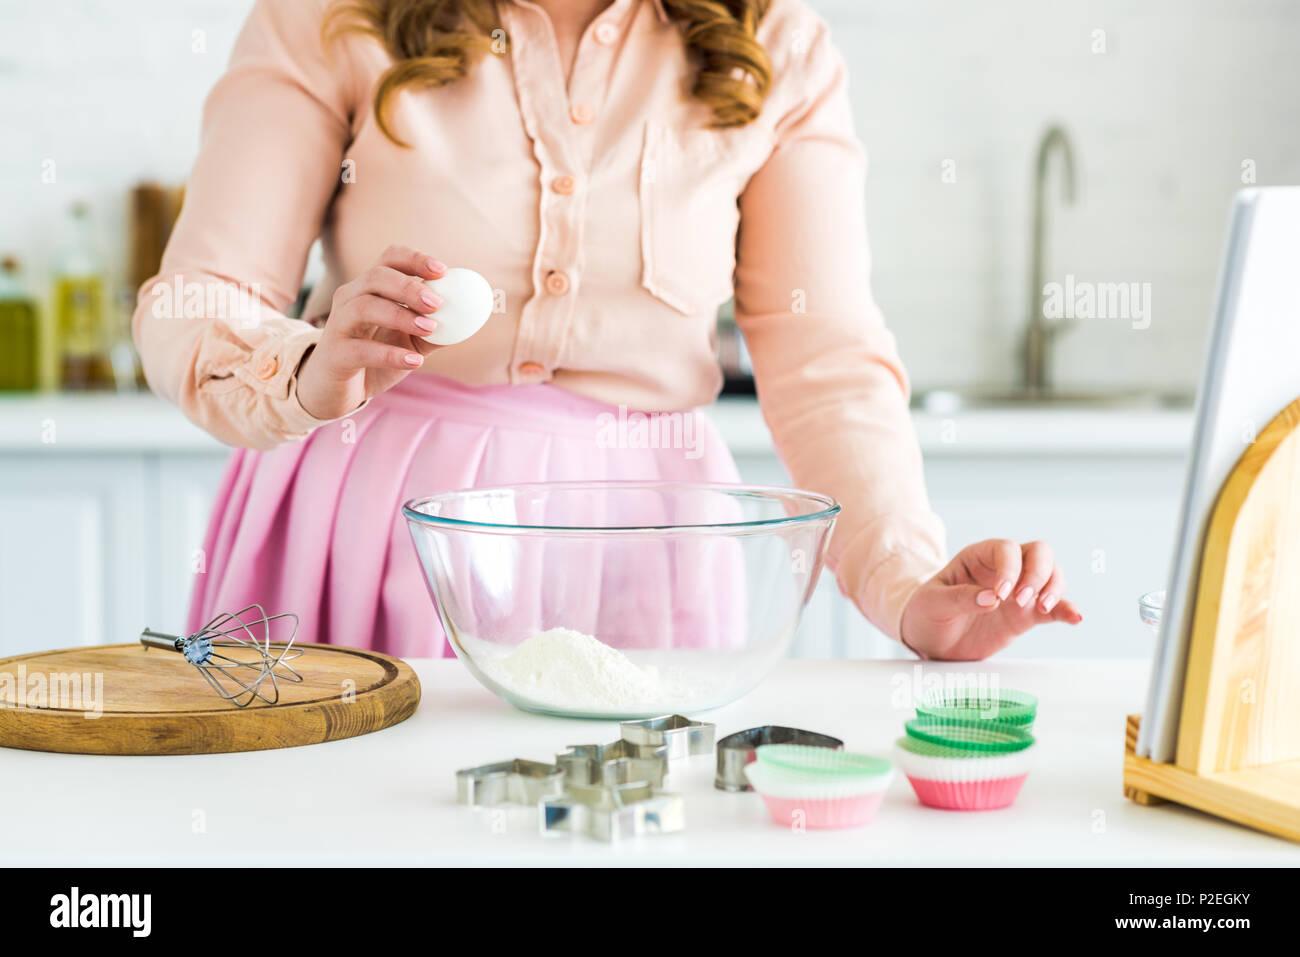 Imagen recortada de mujer rompiendo el huevo de la masa en la cocina Imagen De Stock